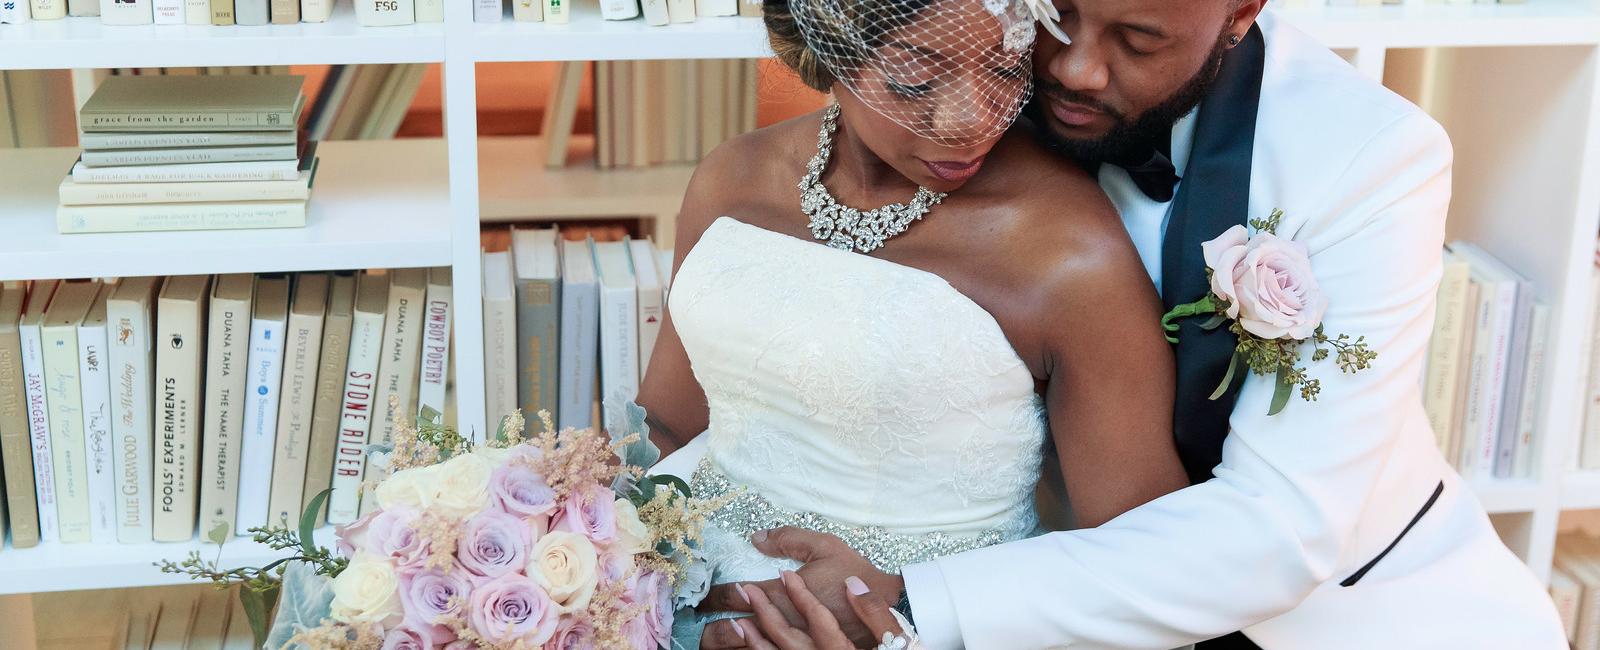 Weddings_ BrideandGroom